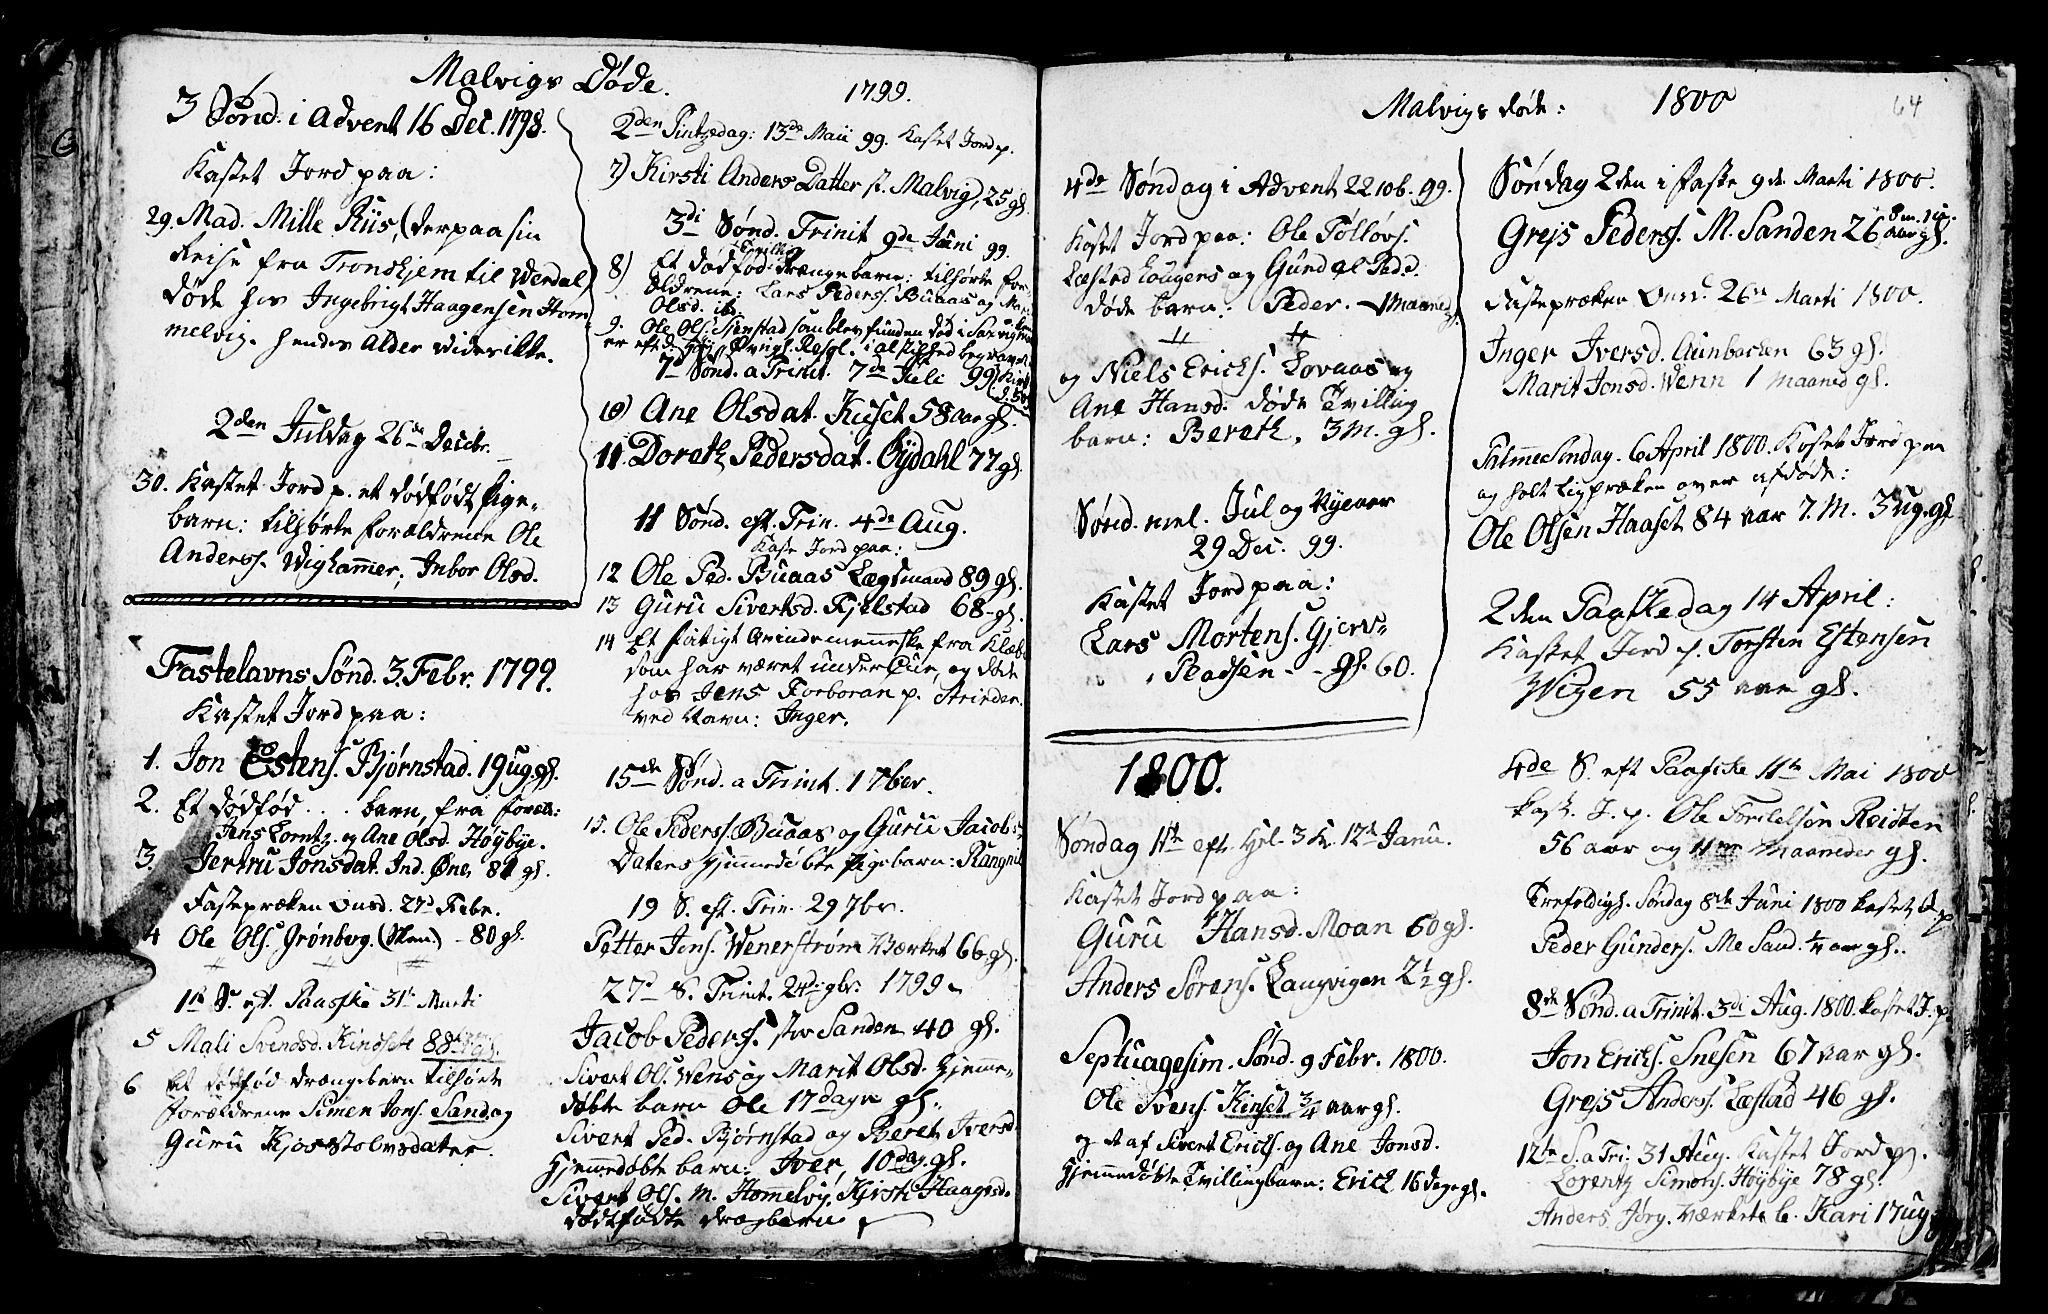 SAT, Ministerialprotokoller, klokkerbøker og fødselsregistre - Sør-Trøndelag, 616/L0419: Klokkerbok nr. 616C02, 1797-1816, s. 64